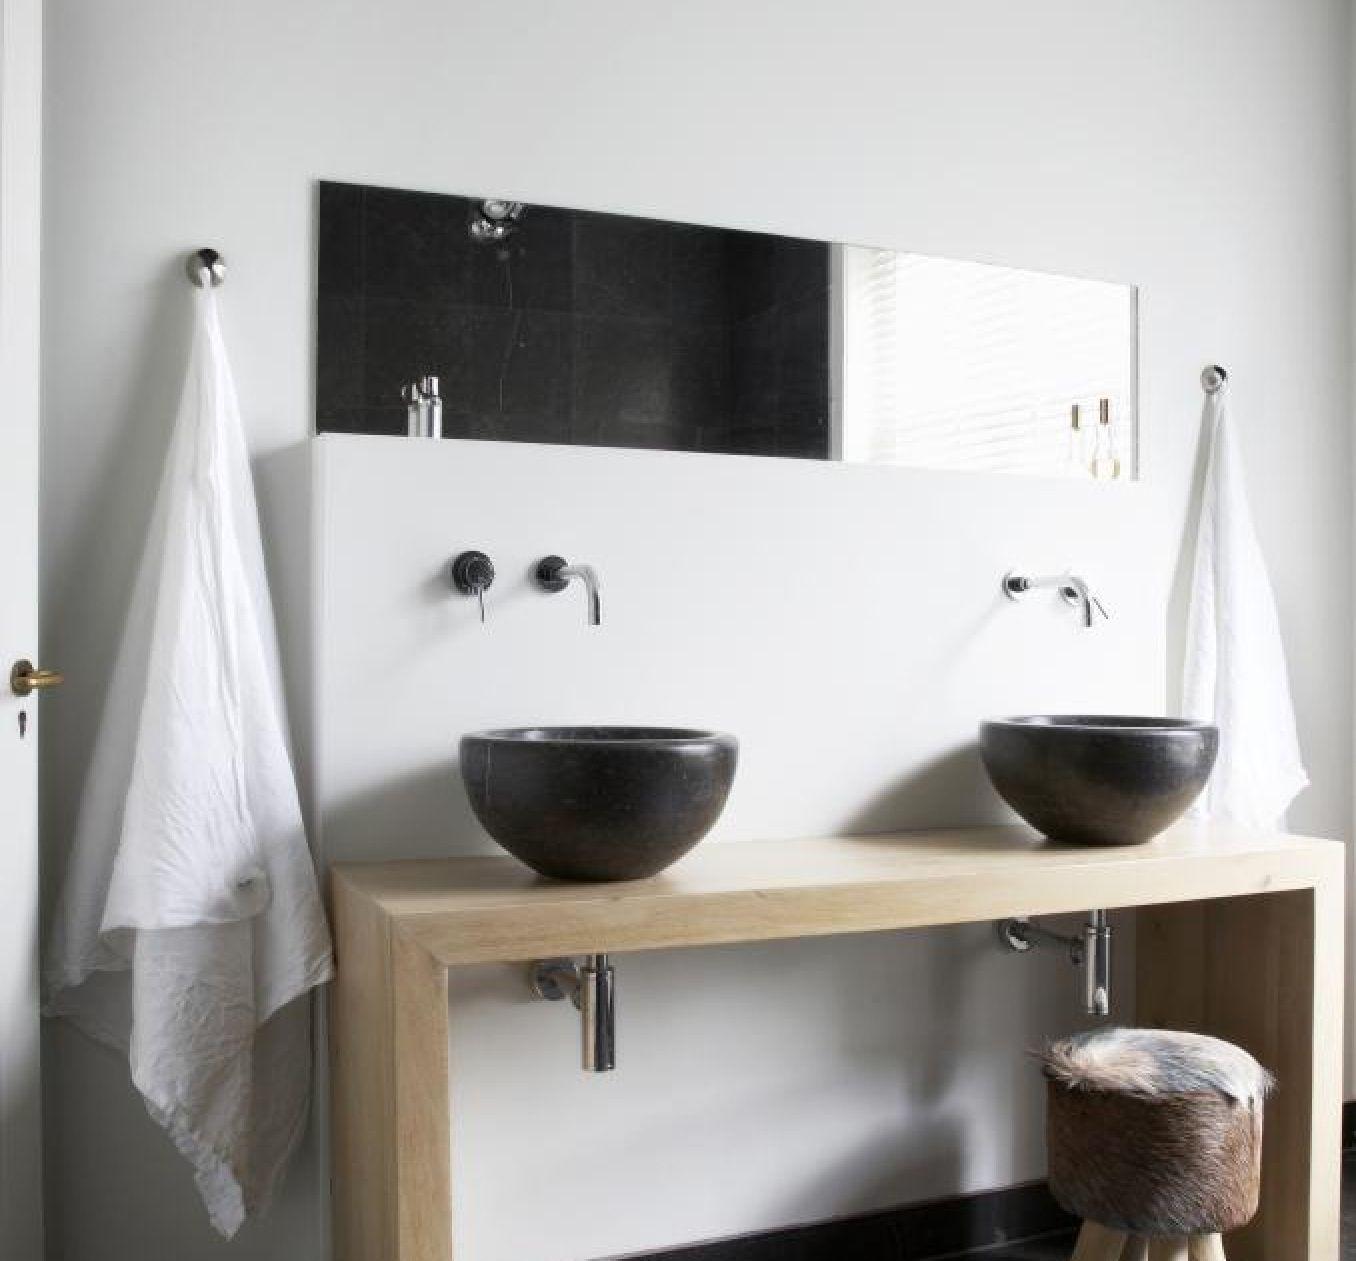 Reforma ba o con lavabos dise o negros sobre encimera de - Banos con encimera ...